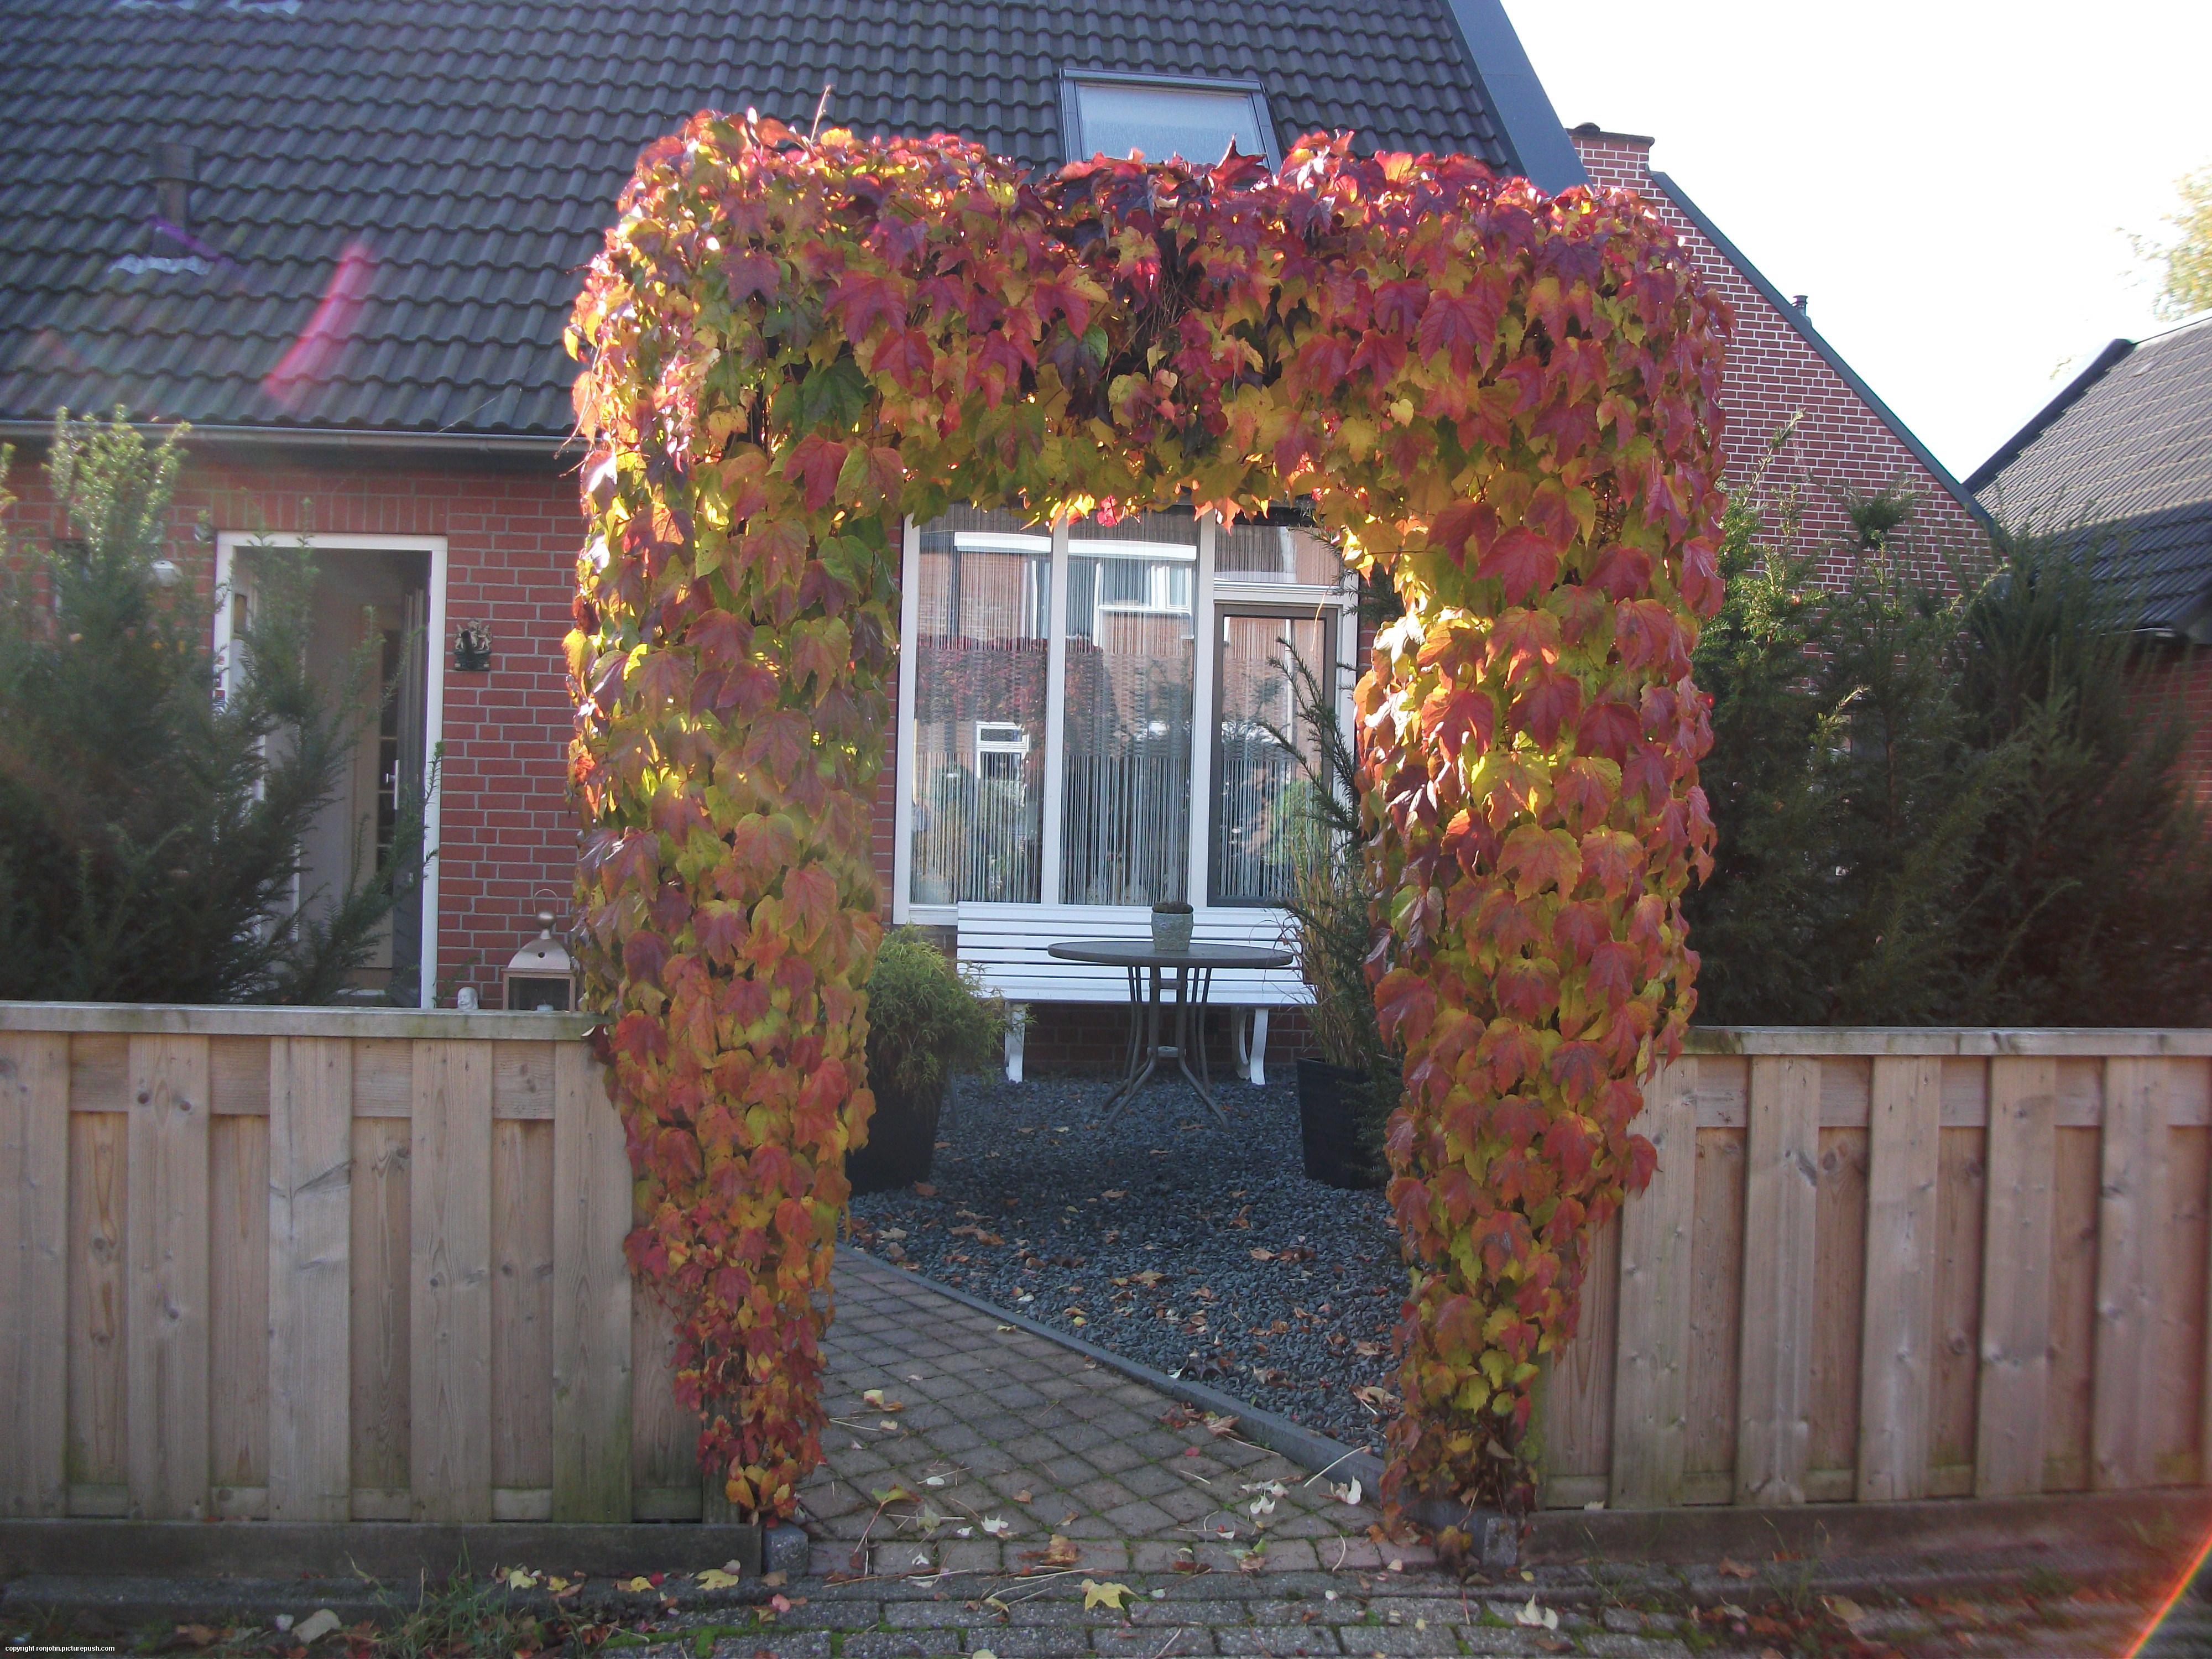 Pergola In Tuin : Tuin pergola in de tuin photo album by ron john